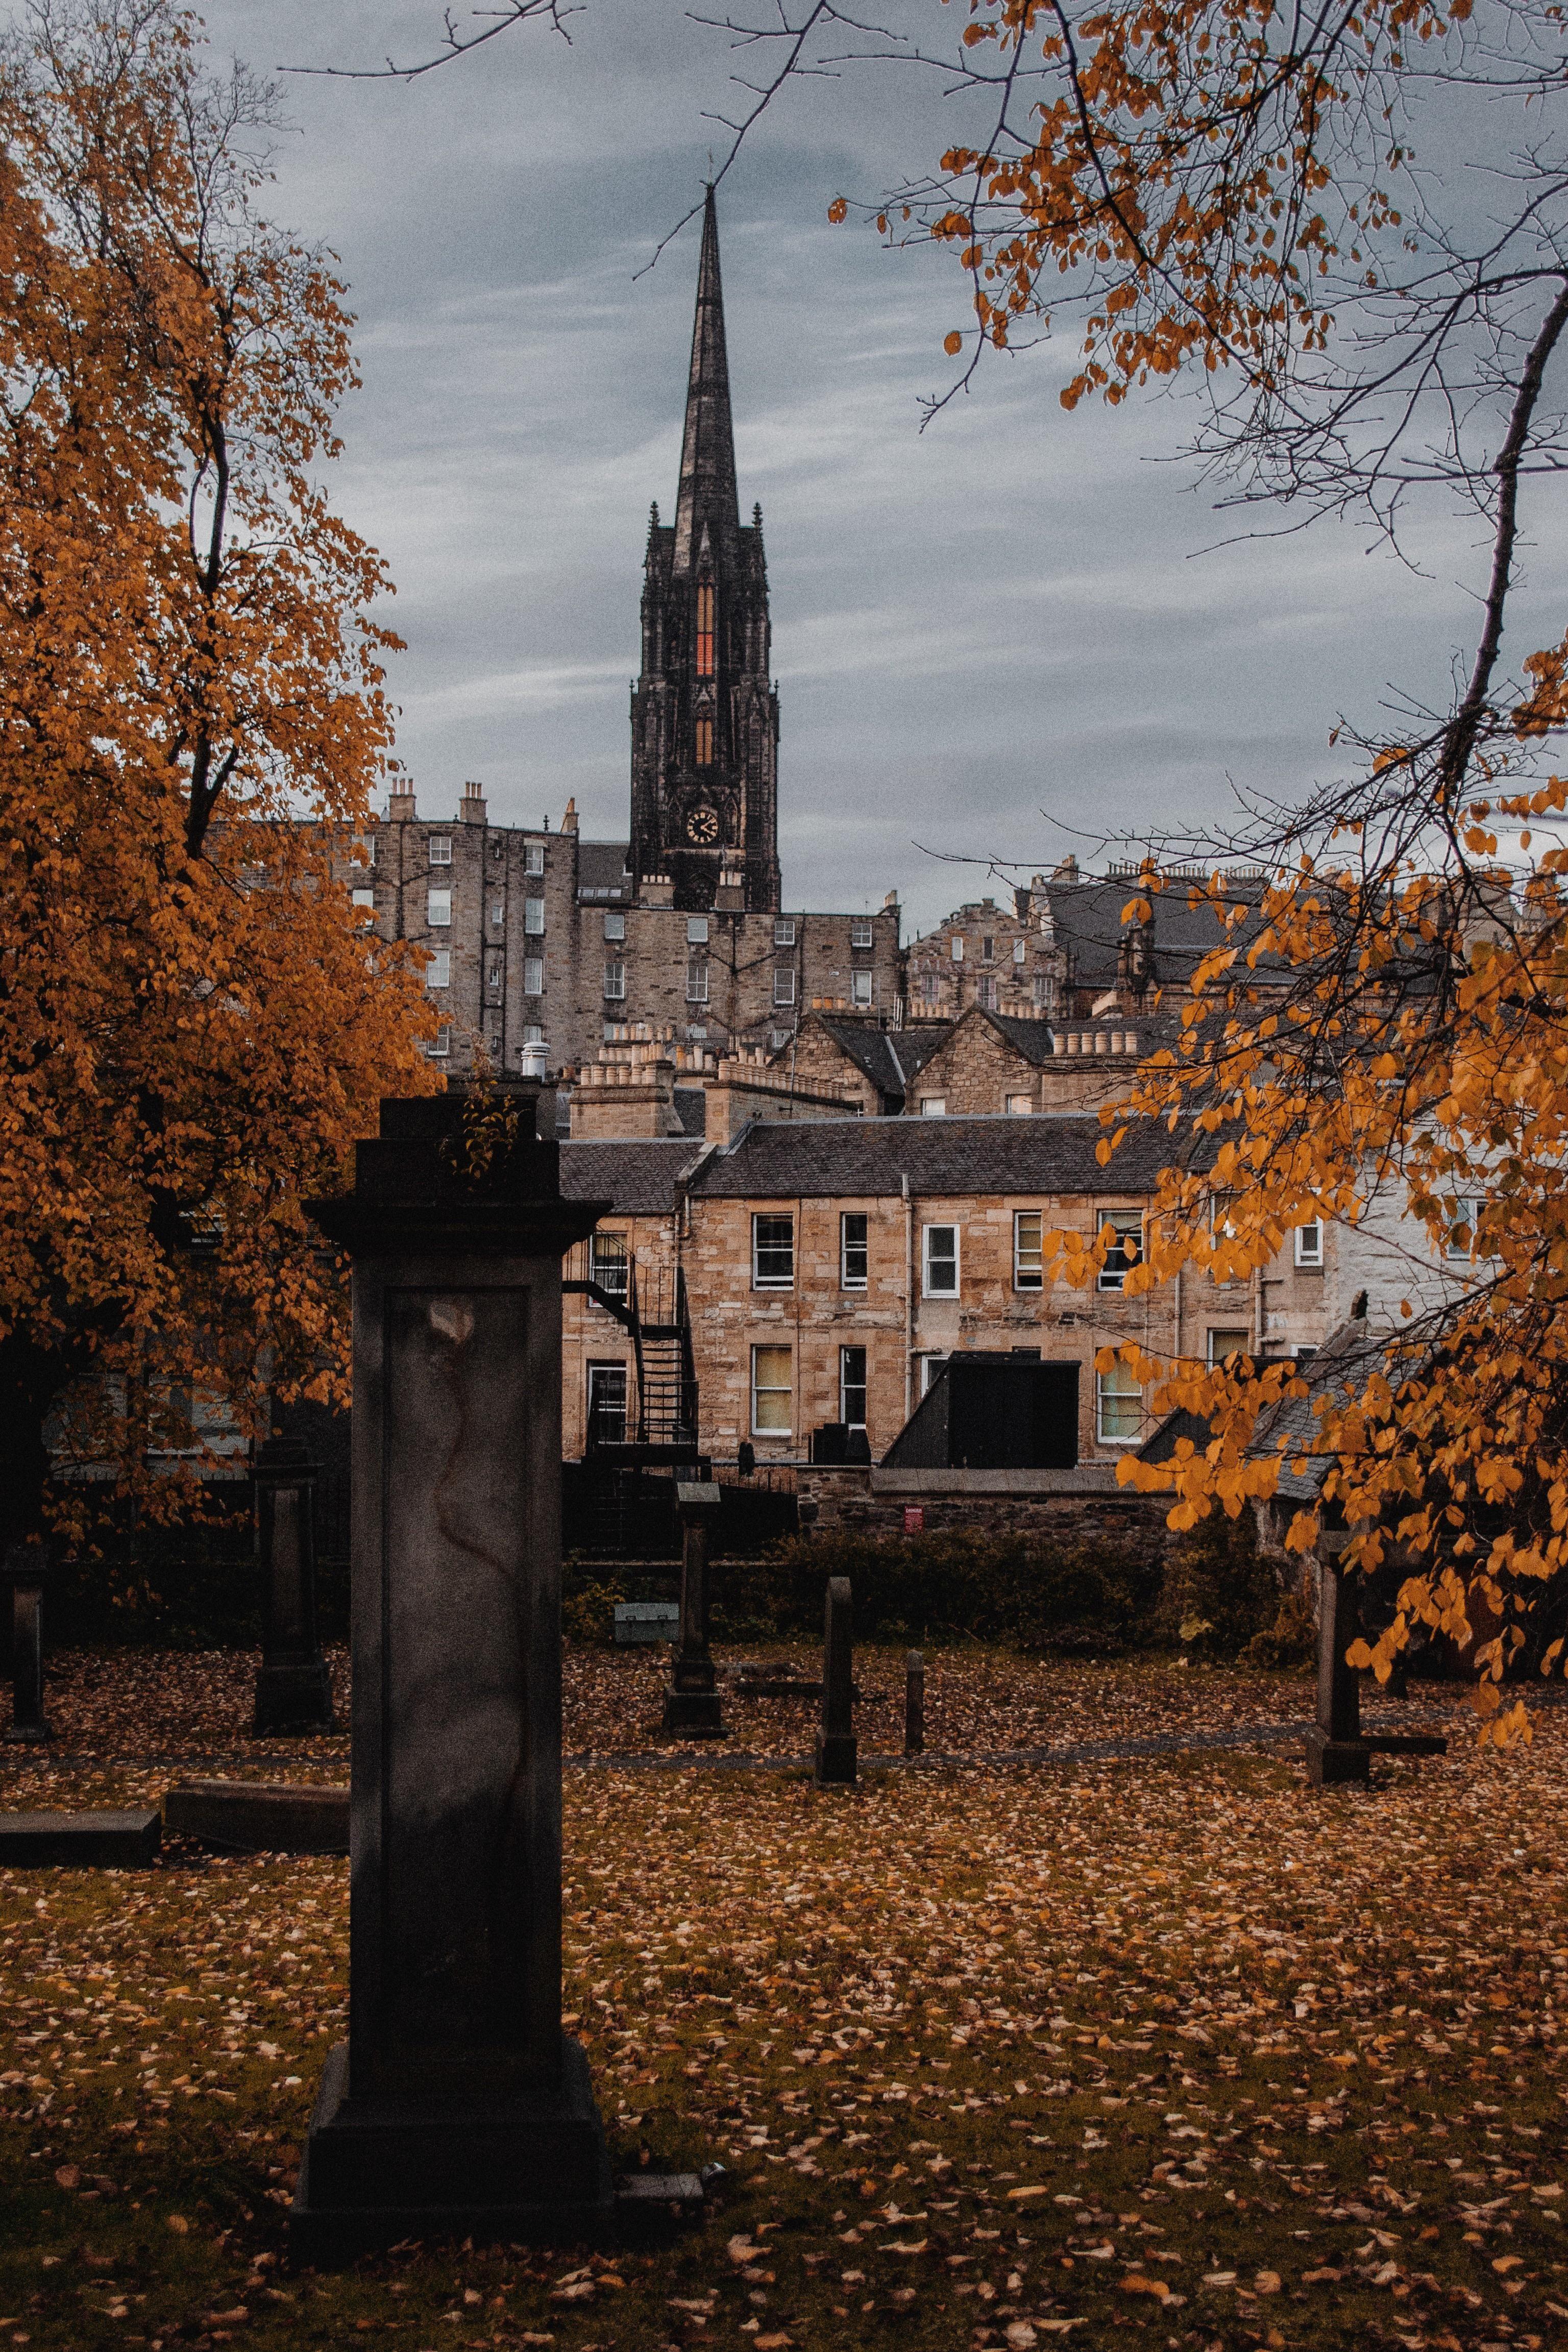 Halloween 2020 Edinburgh In Taken last year on Halloween / Greyfriars Kirkyard Edinburgh in